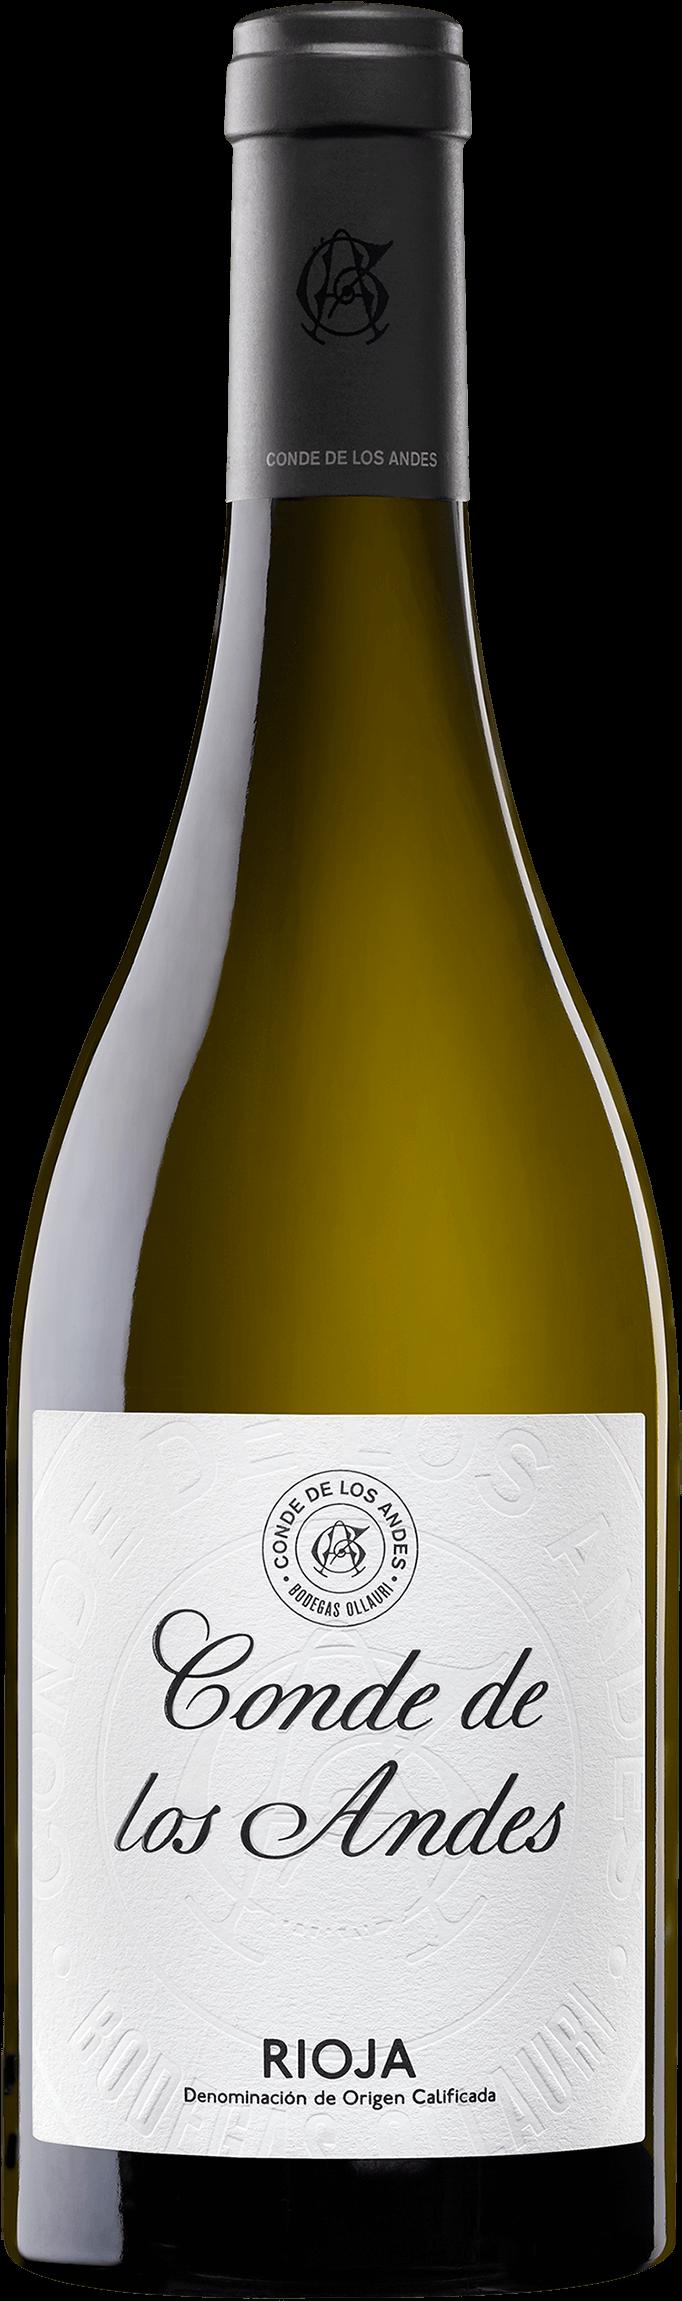 Botella De Vino Png Conde De Los Andes Blanco Conde De